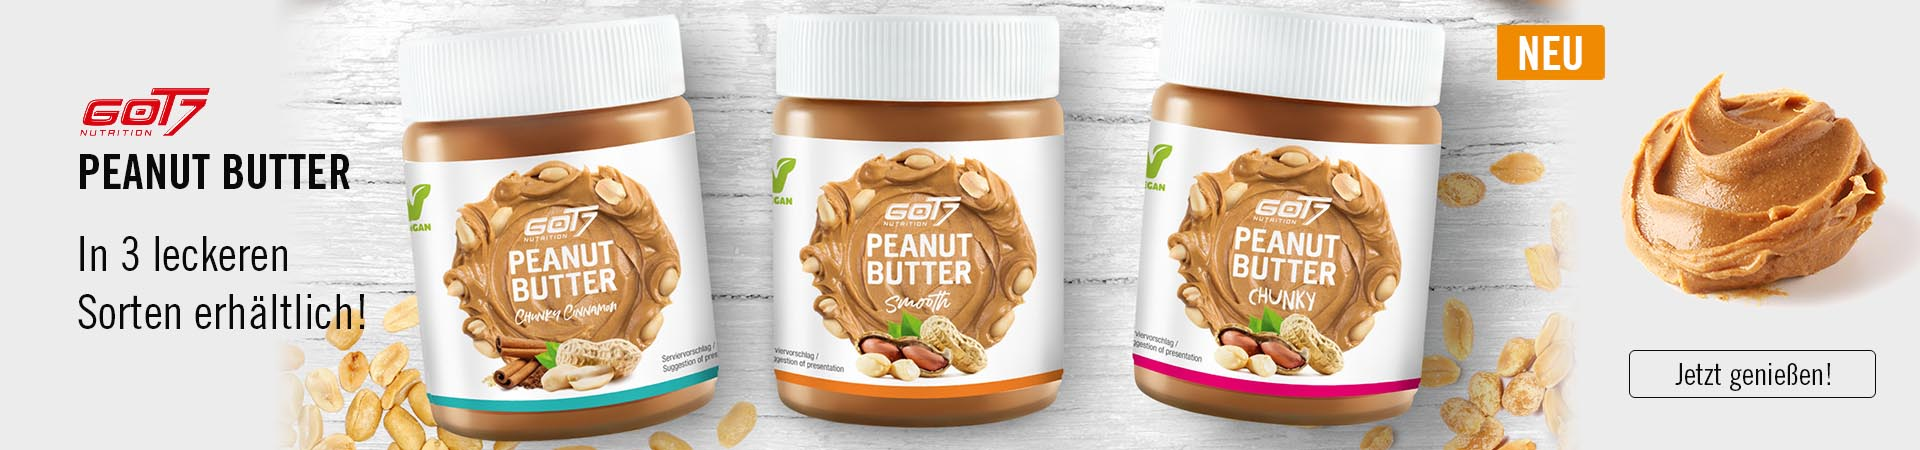 GOT7 Peanut Butter